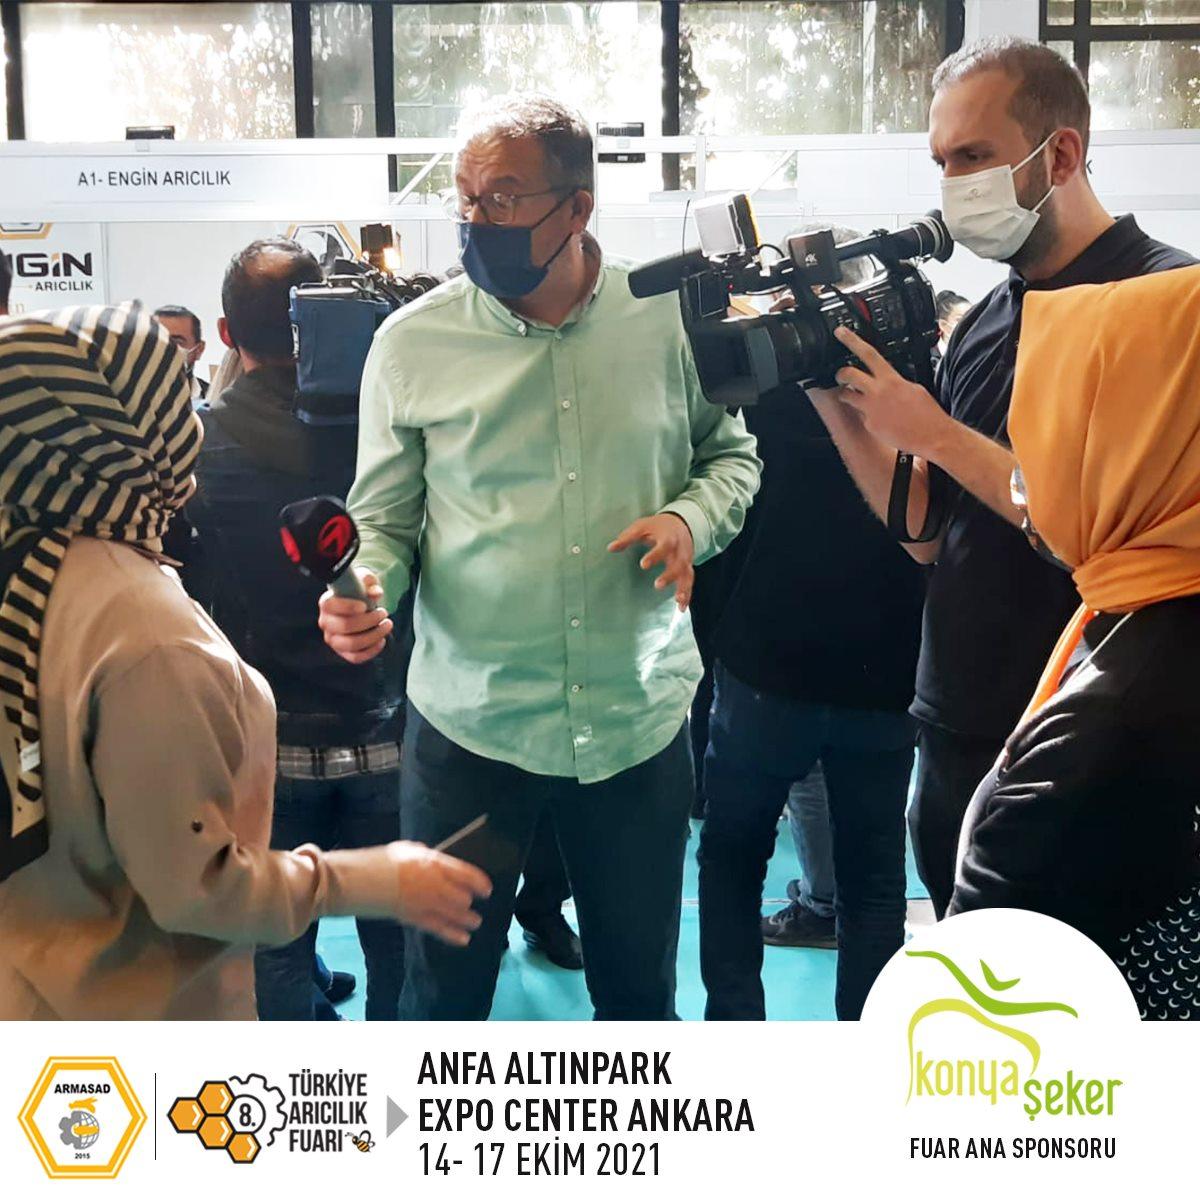 Armasad 8.Türkiye Arıcılık Fuarı 2021 ANKARA Altınpark fuar alanı, kanal 7 haber